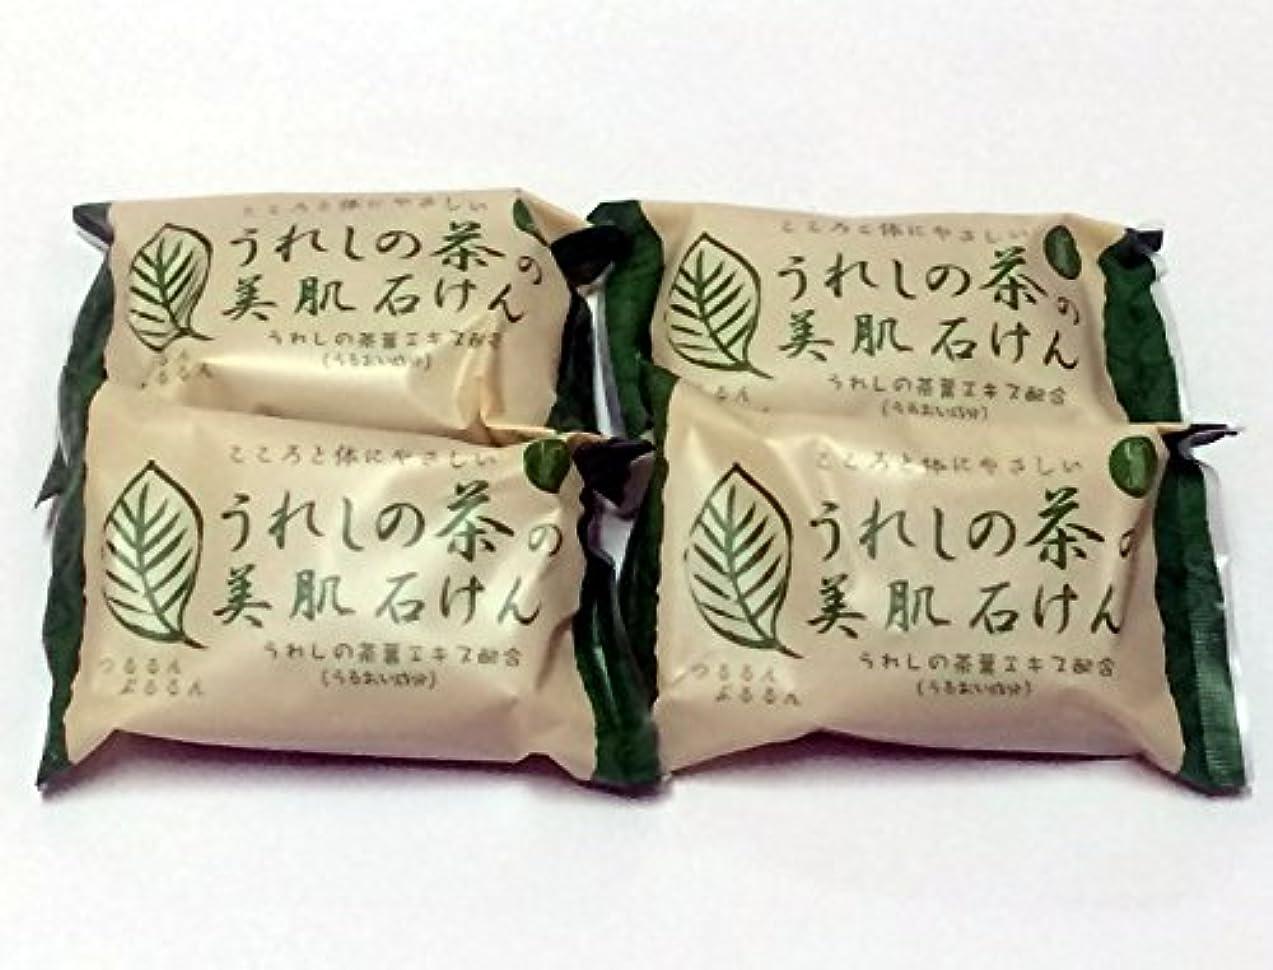 一握り連隊物思いにふける日本三大美肌の湯嬉野温泉 うれしの茶の美肌石けん4個セット